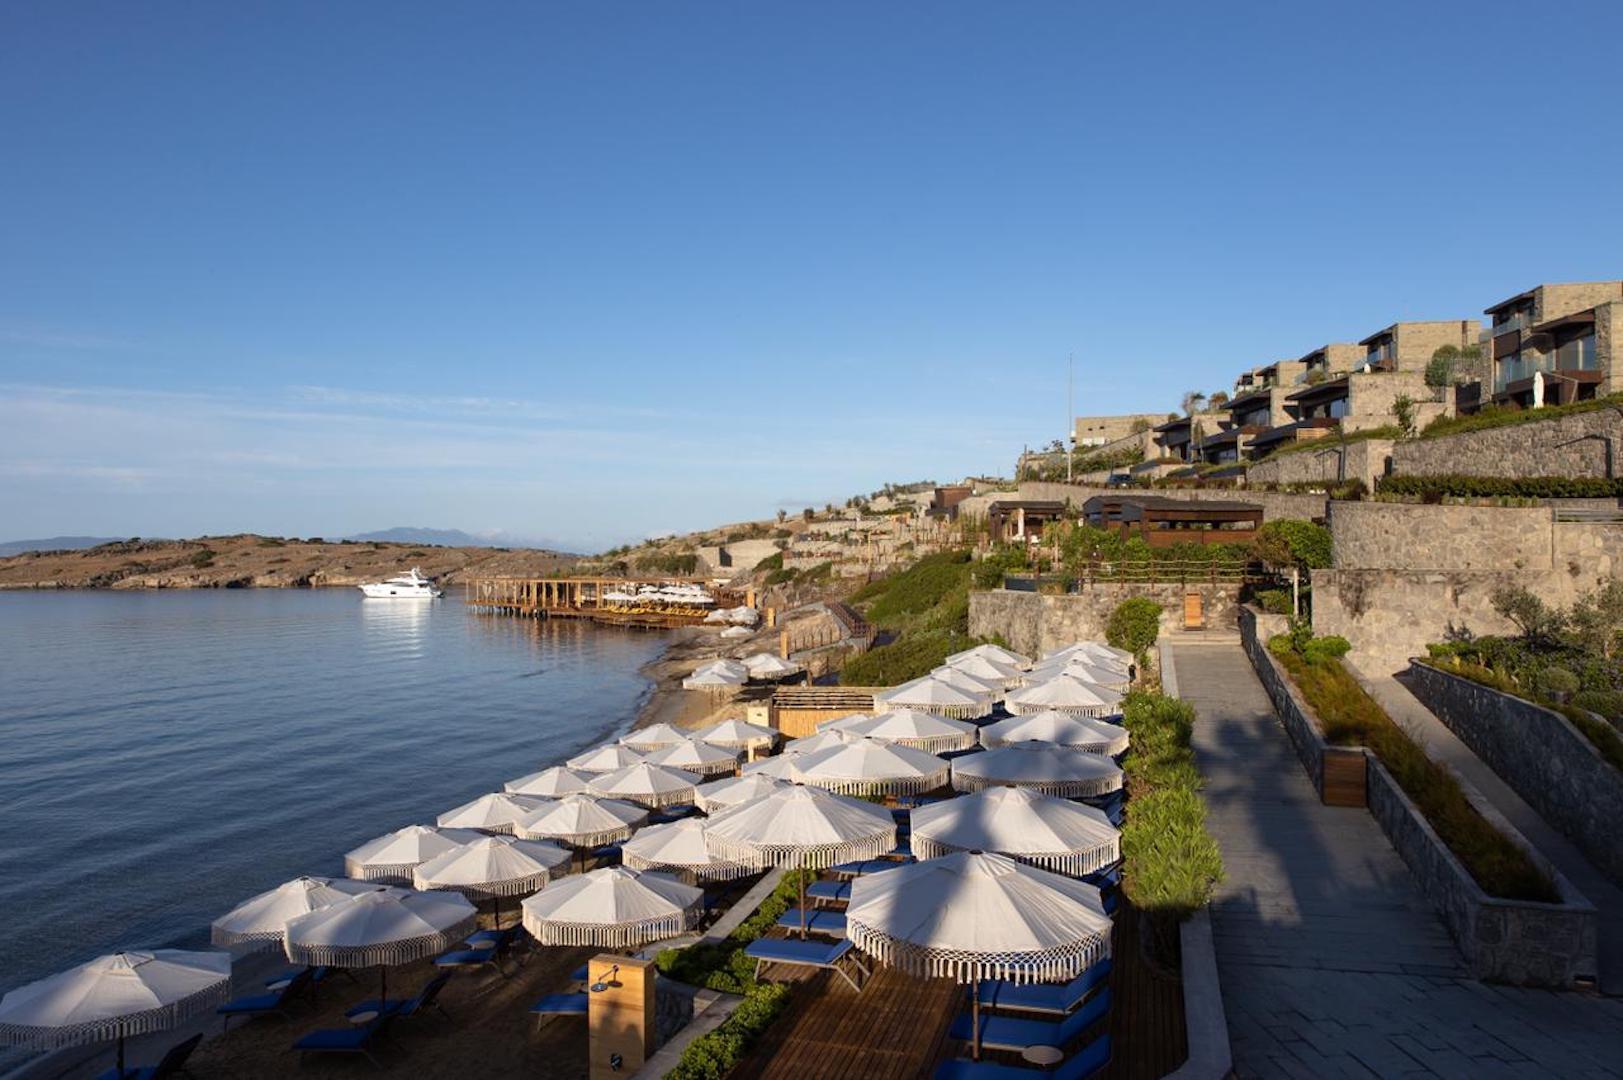 METT Hotel & Resort, Bodrum Turkey